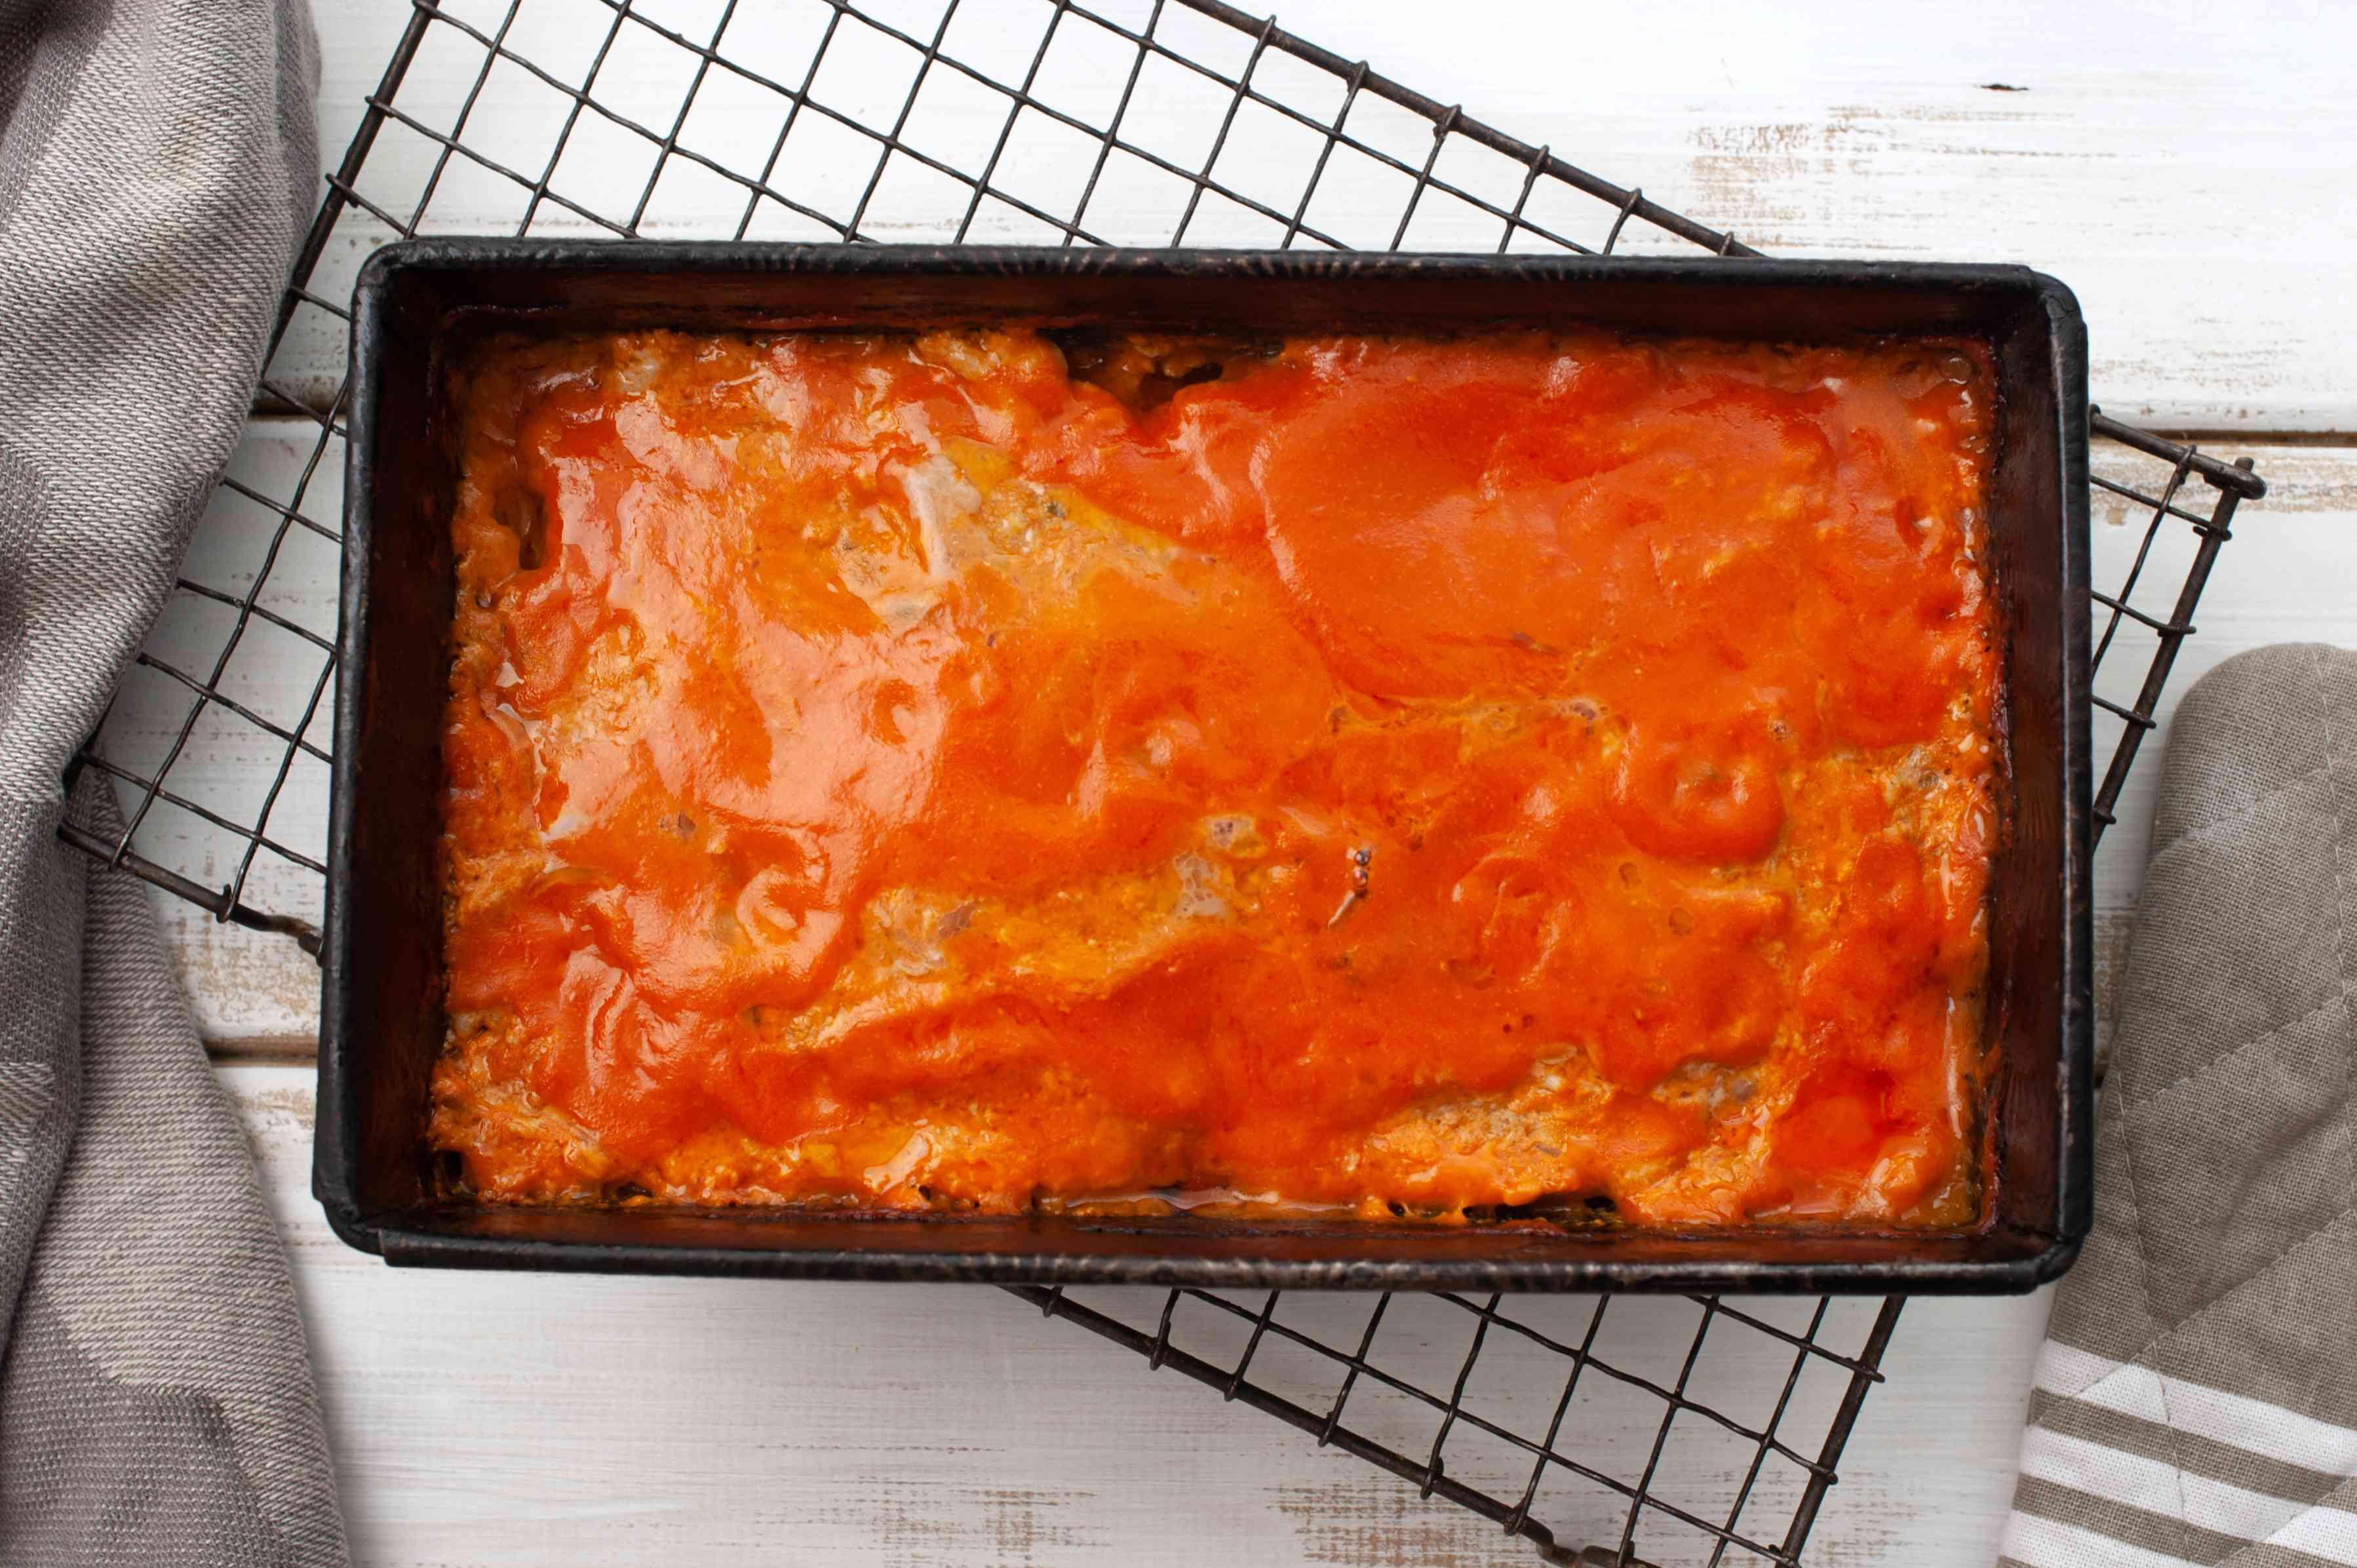 Sauce on meatloaf